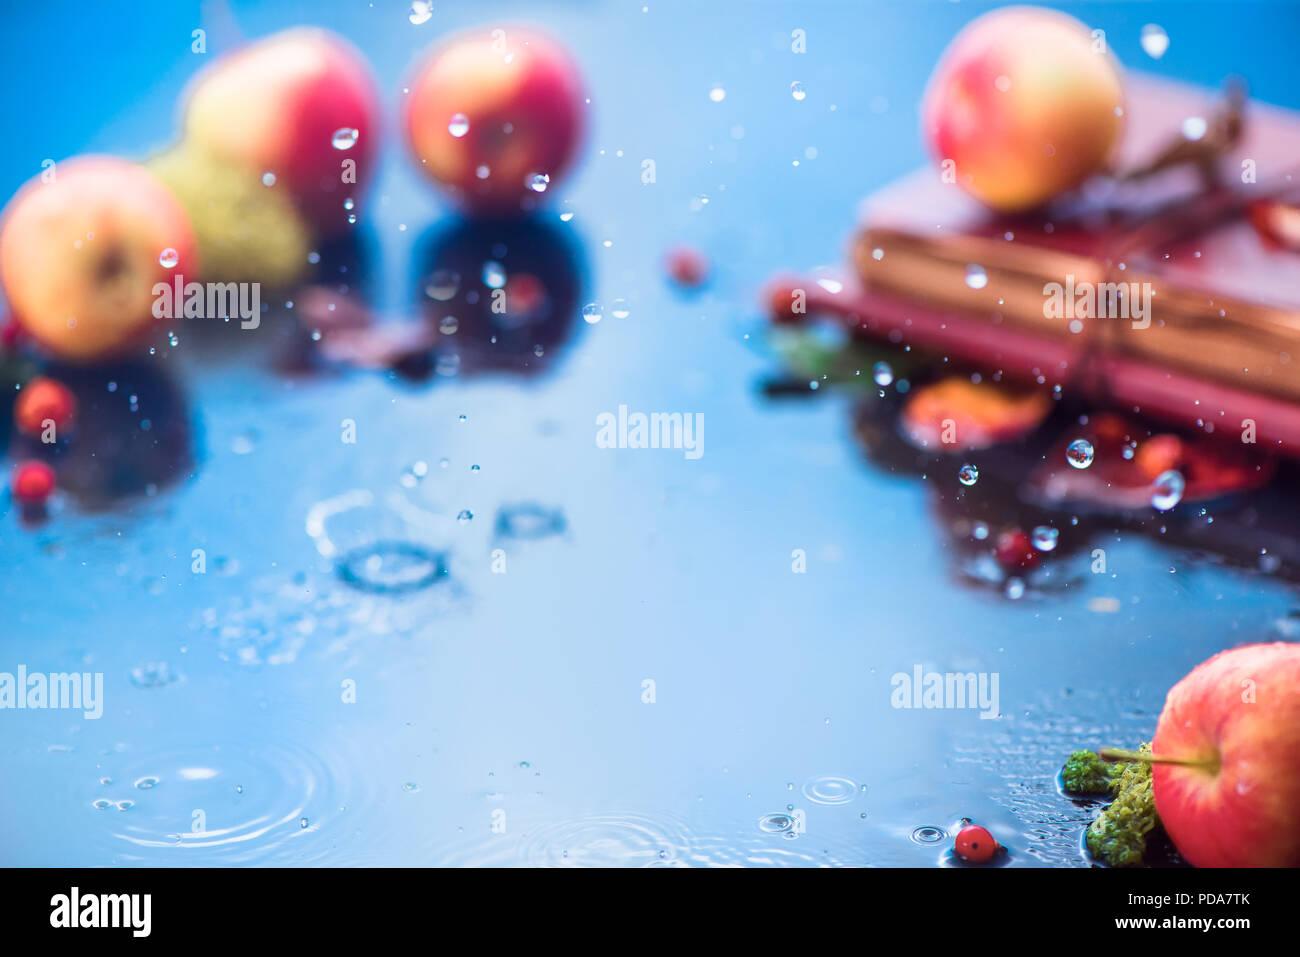 Lluvia de otoño bastidor con espacio de copia. Desenfocado manzanas con gotas de agua y el lugar de texto. Fresco y luminoso concepto cosecha otoñal. Imagen De Stock